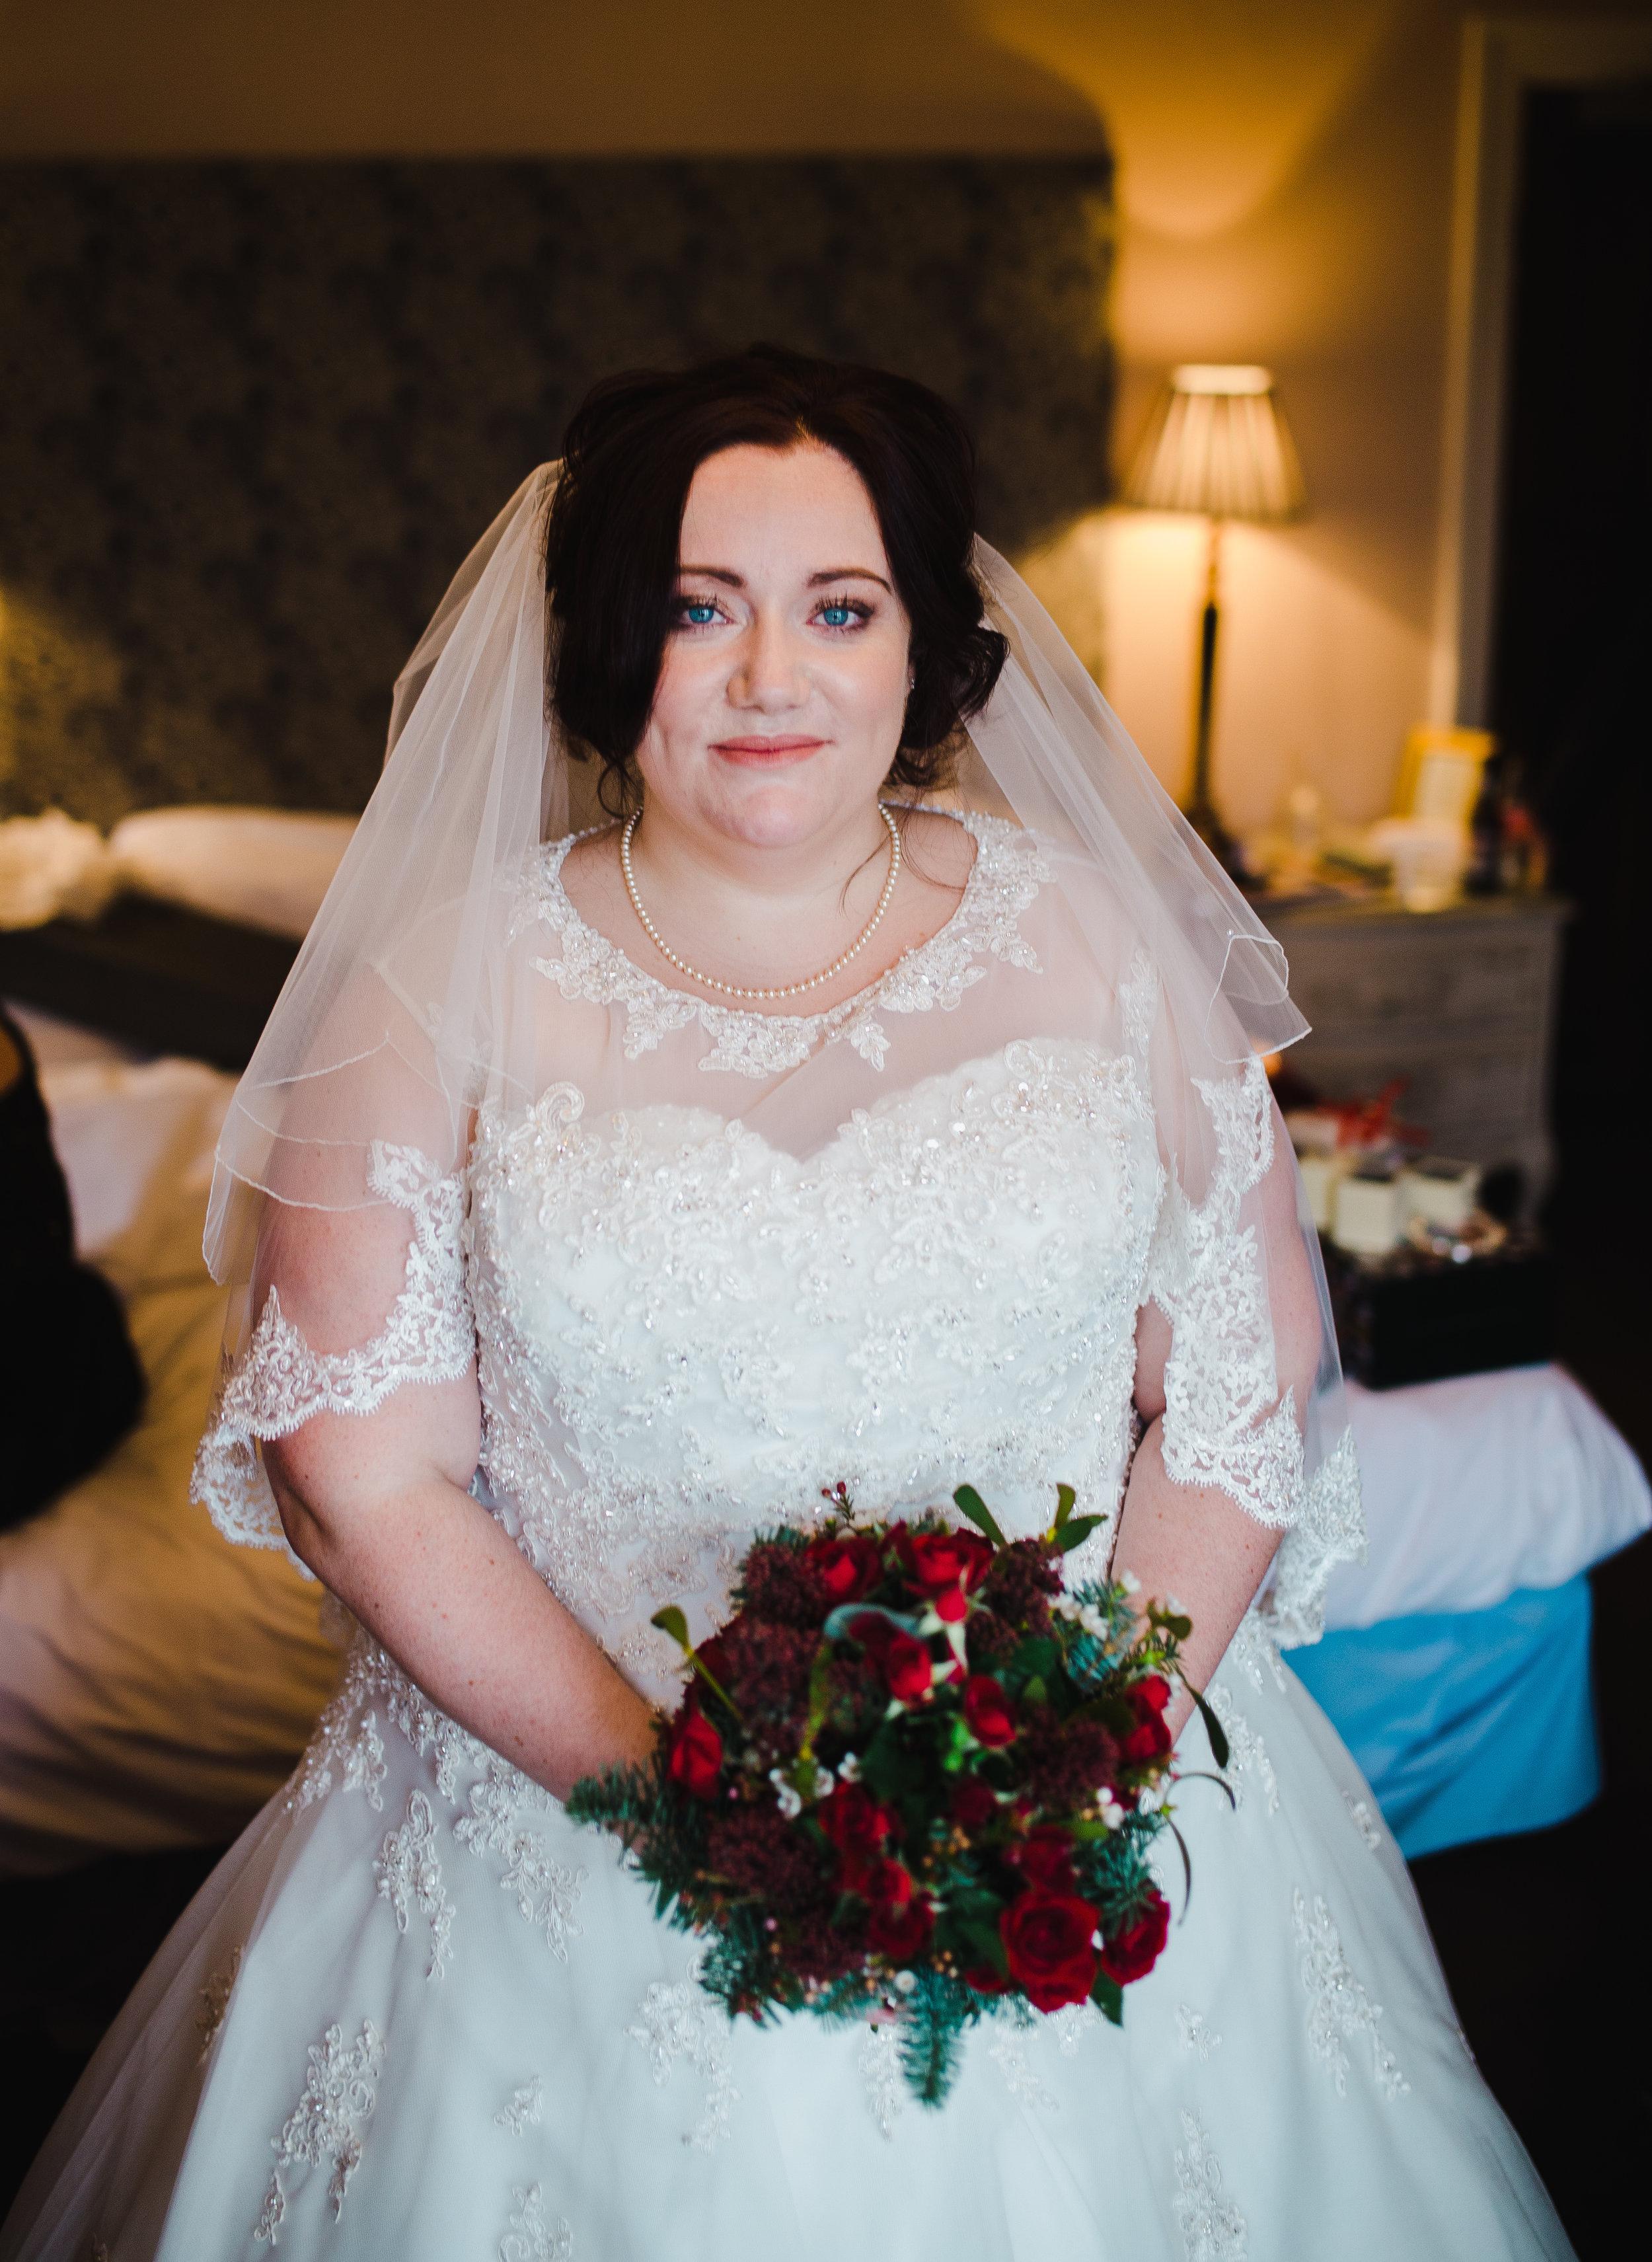 beautiful bride at lake district wedding